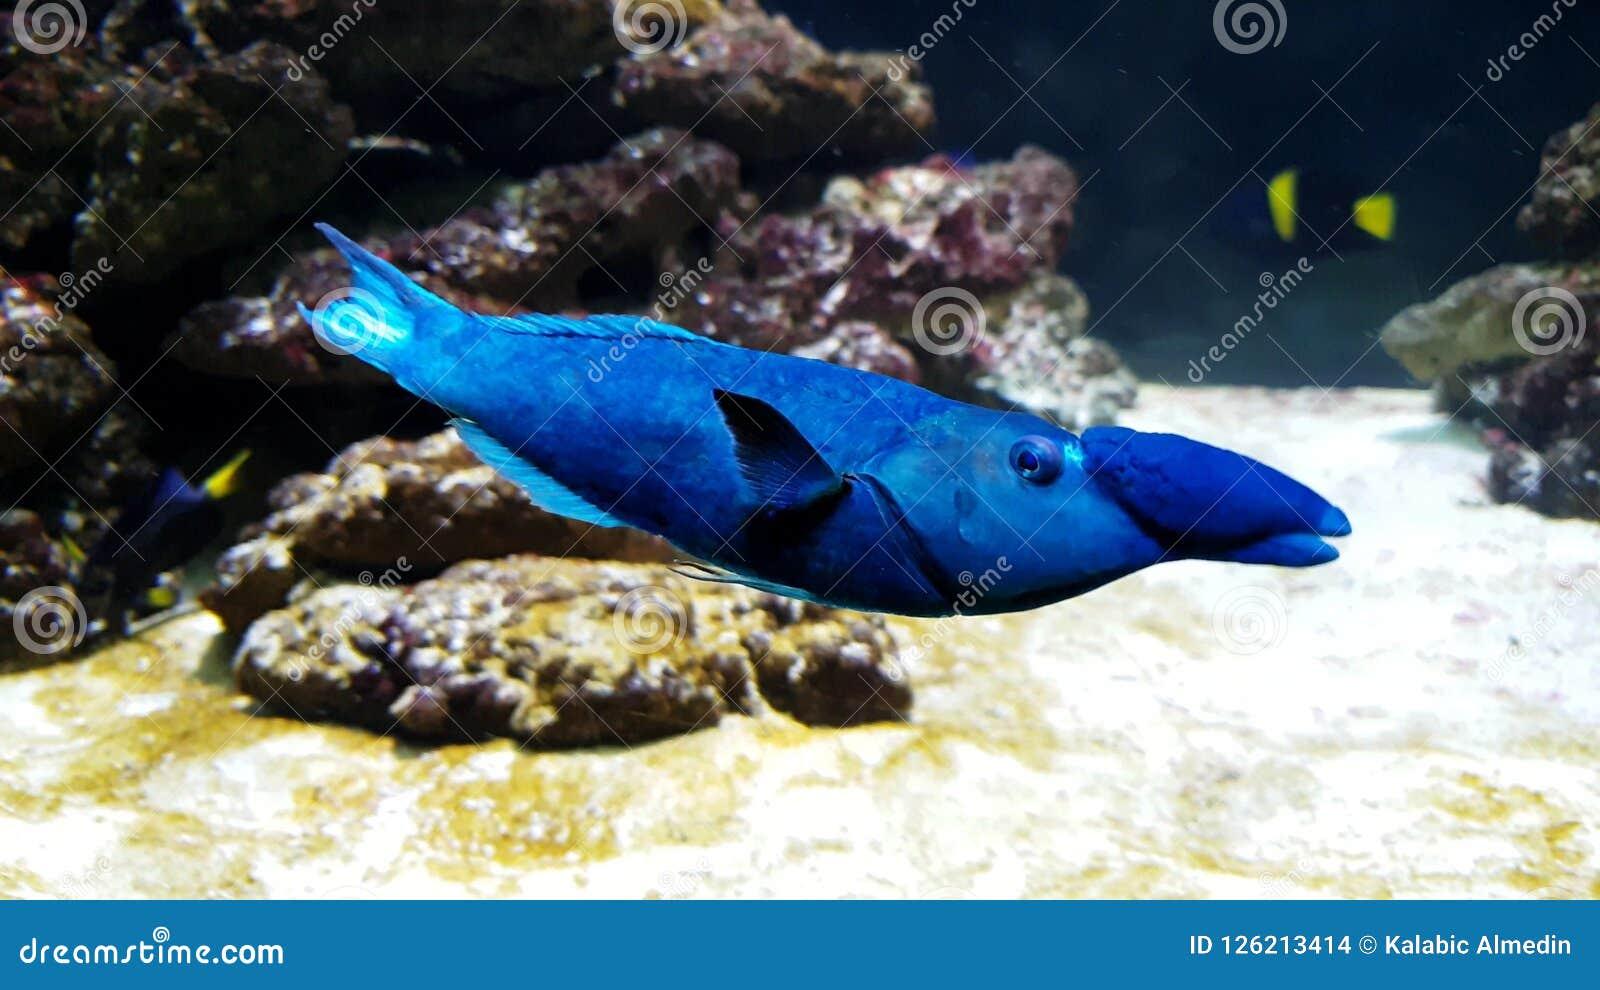 Blue & x27;whale-penguin& x27; fish